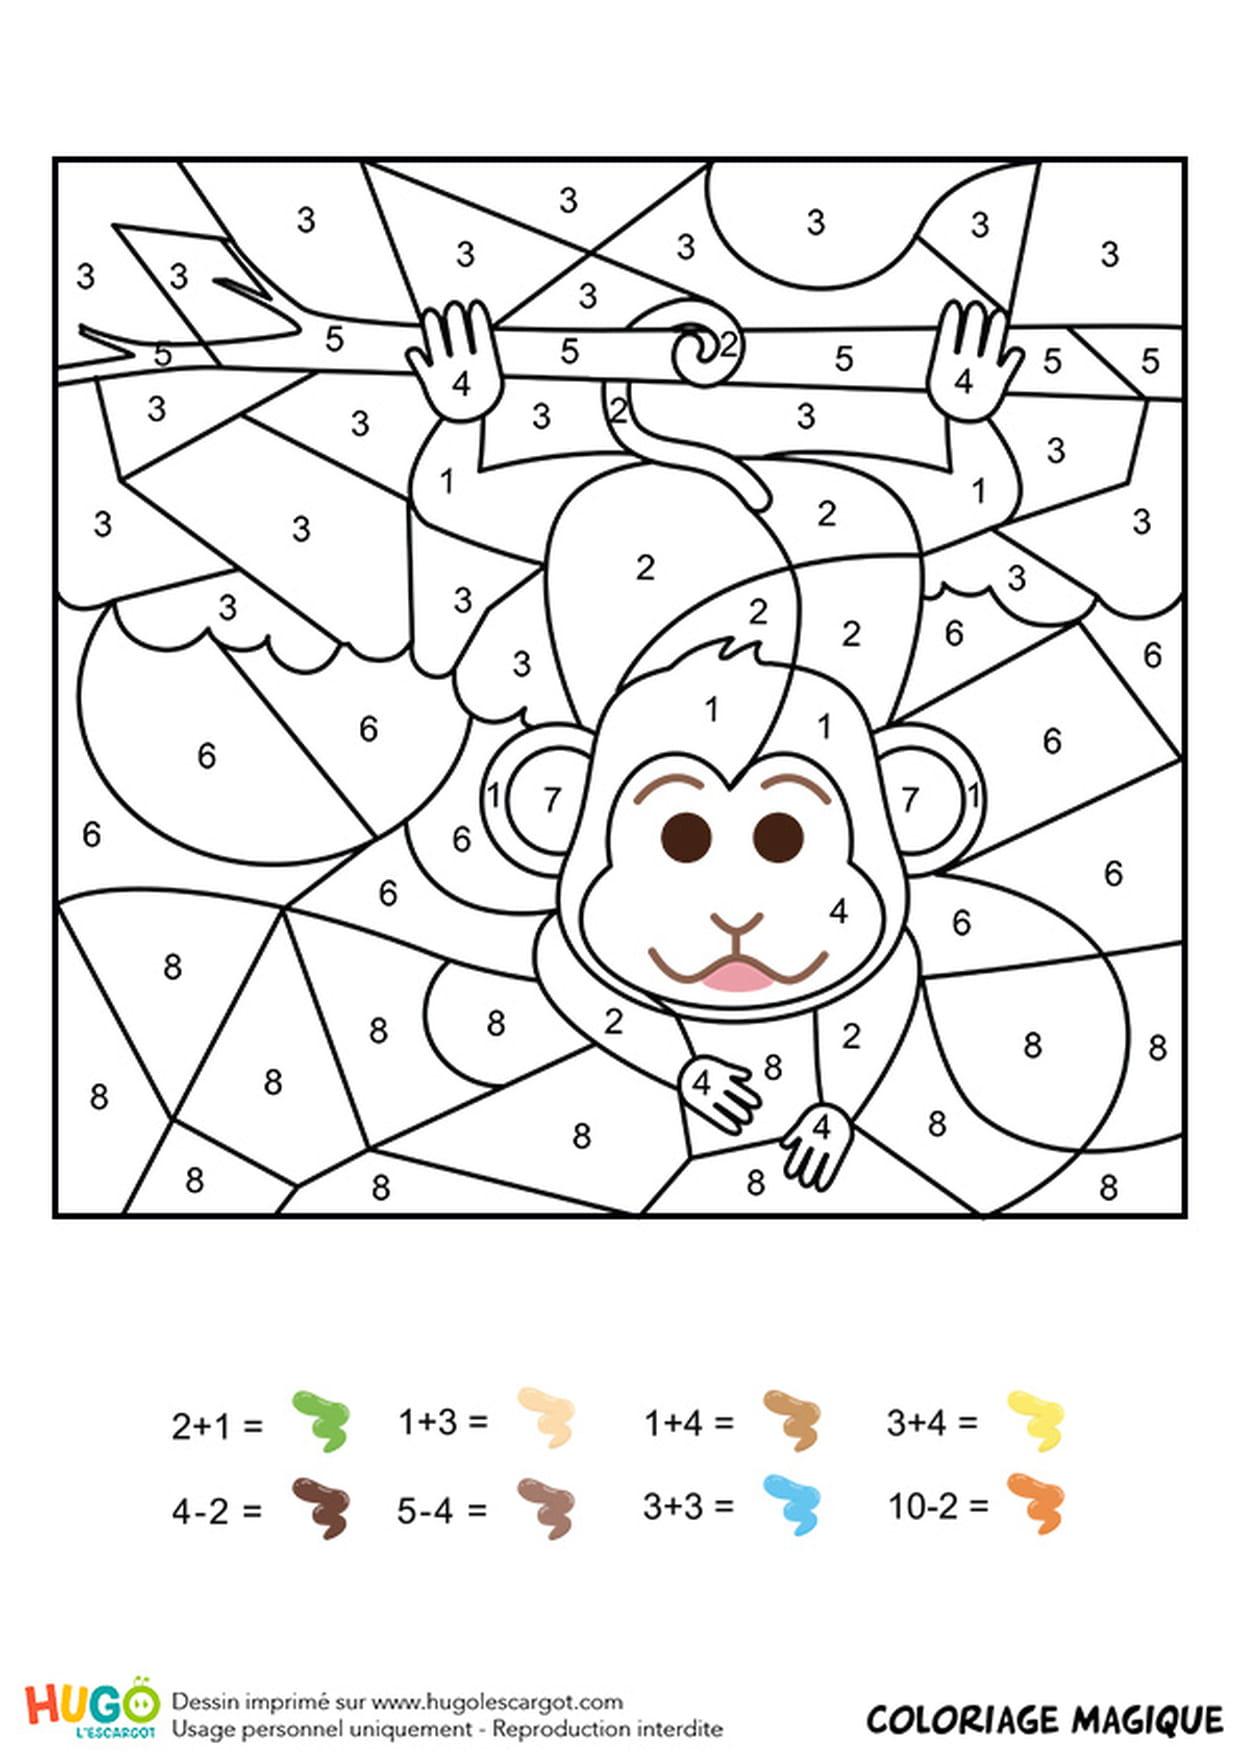 Coloriage Magique Chiffre Cp avec Coloriage Magique Ce1 Maths